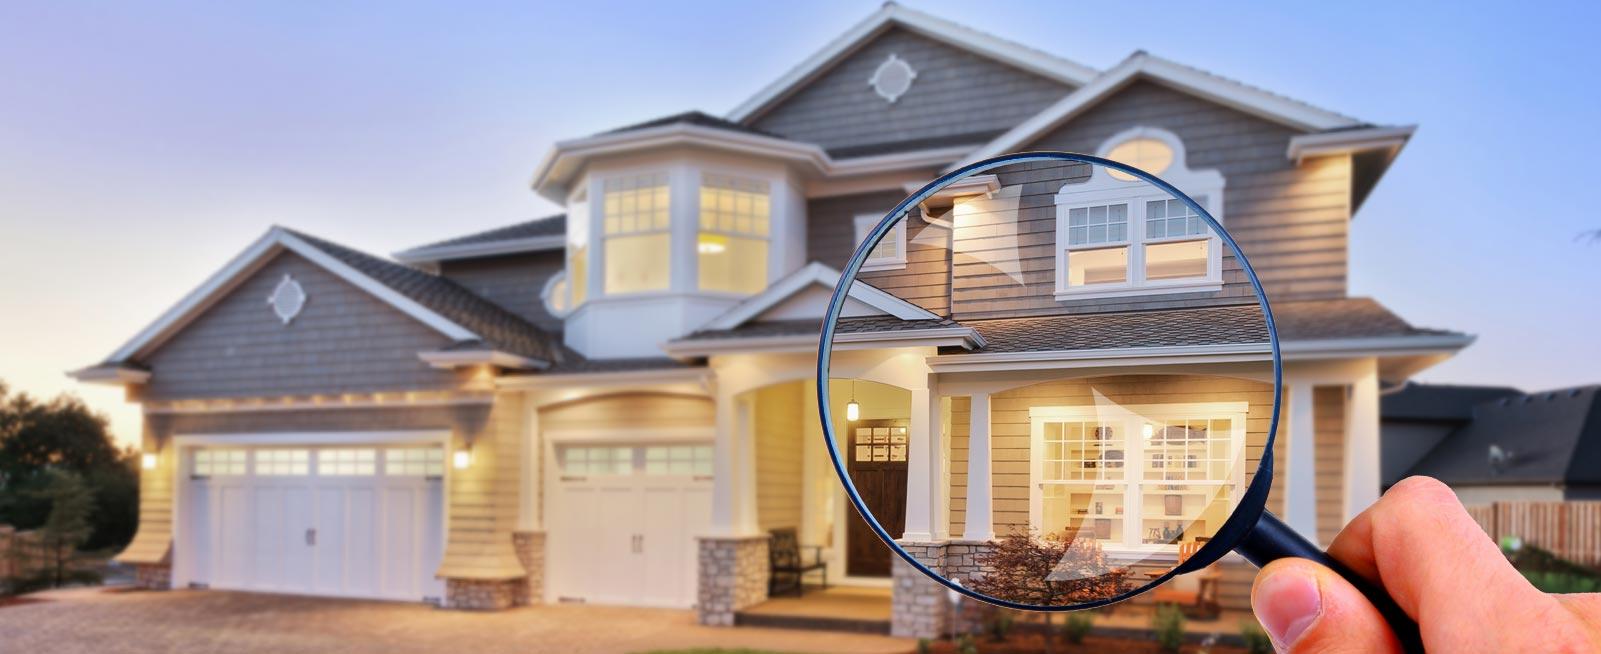 ตรวจรับบ้านก่อนรับมอบ สำหรับบ้านโครงการ ควรดูอะไรบ้าง